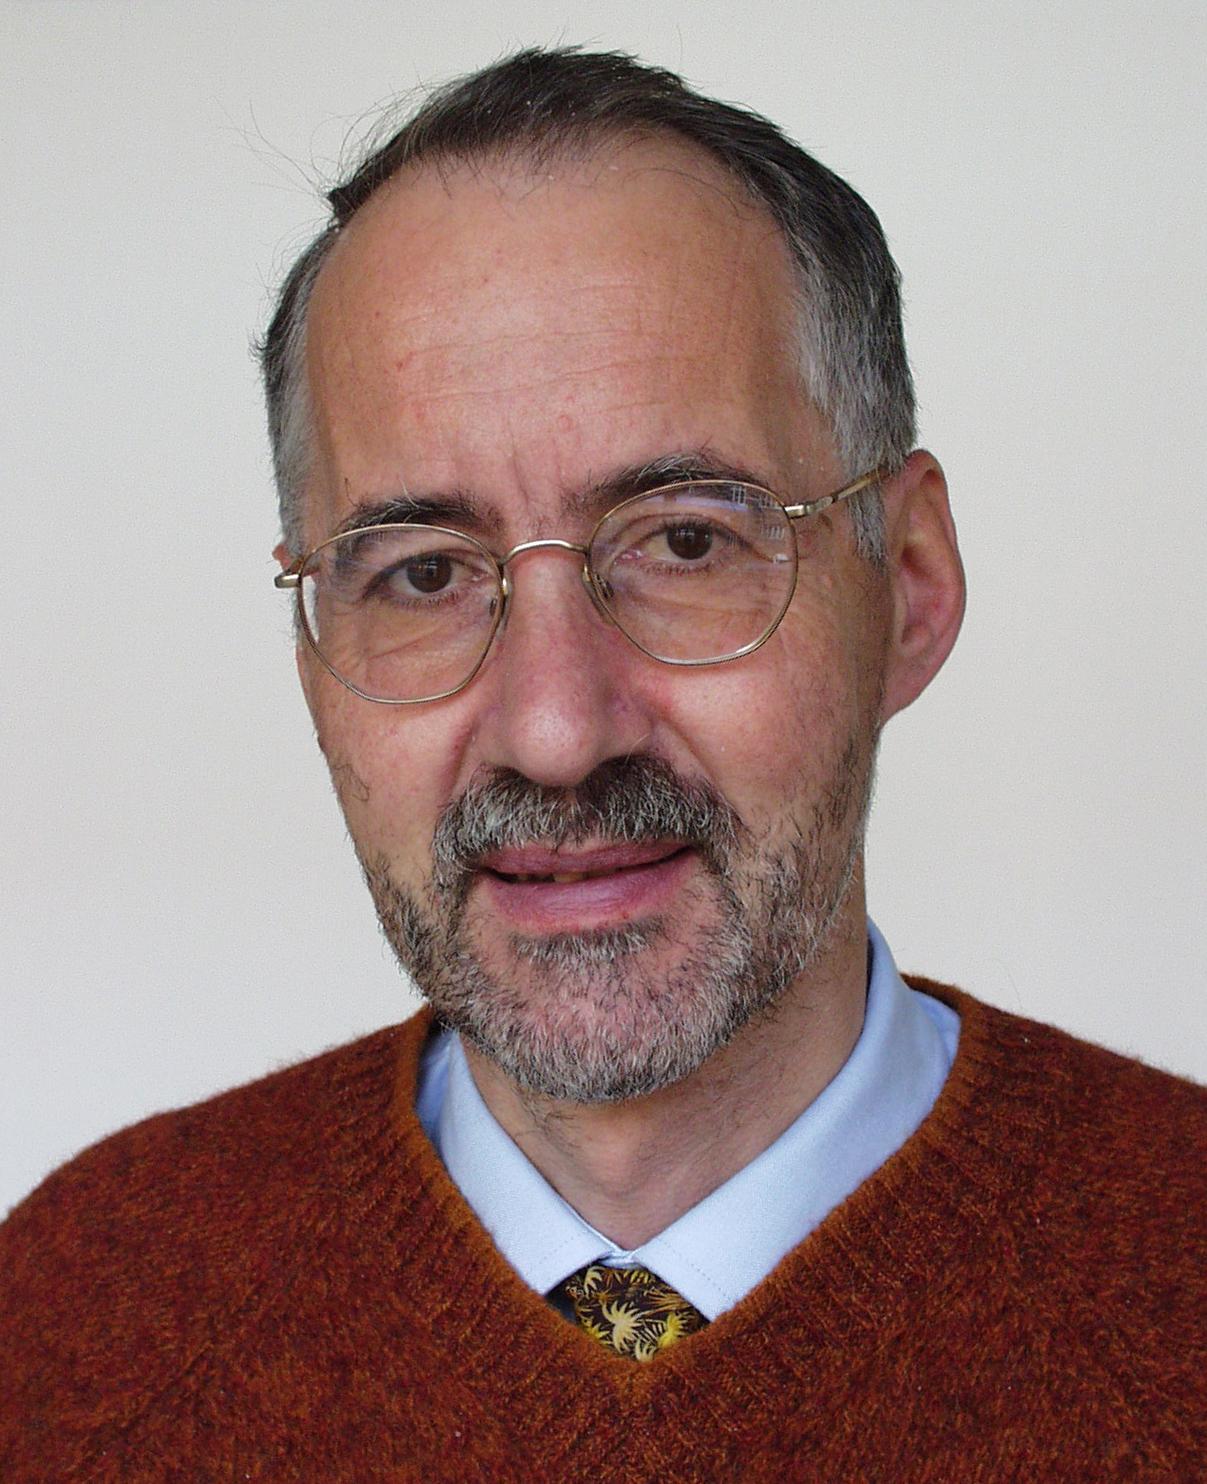 Prof. Dr. H. Walter Lack, Botanischer Garten und Botanisches Museum Berlin-Dahlem